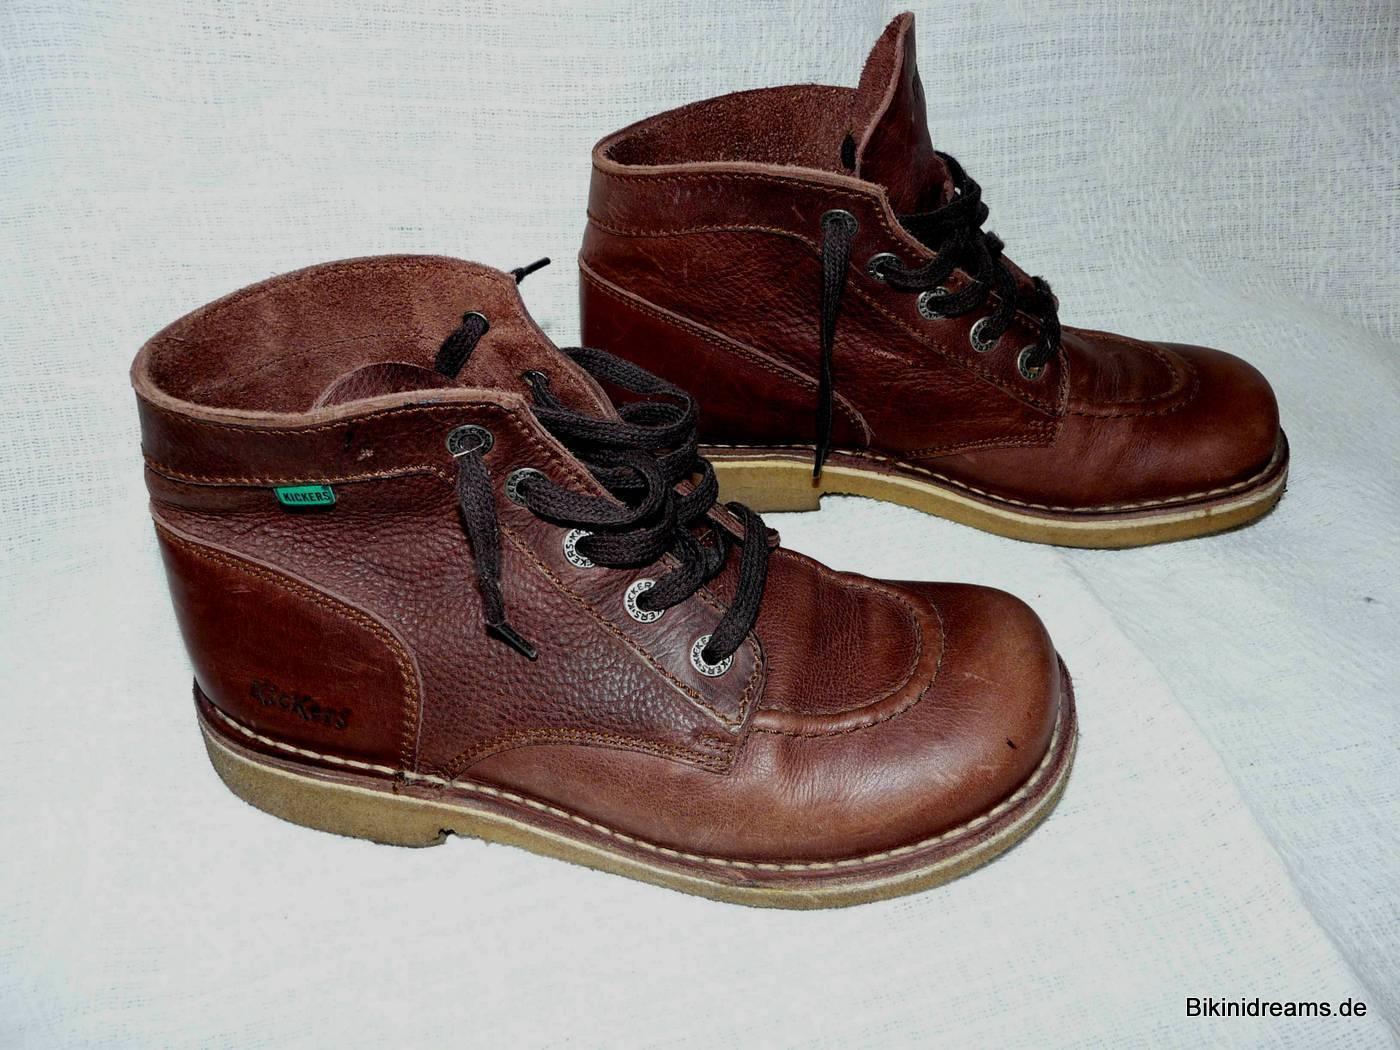 new product d6961 dfa7b Kickers Schuhe Herrenschuhe Boots Grösse 41